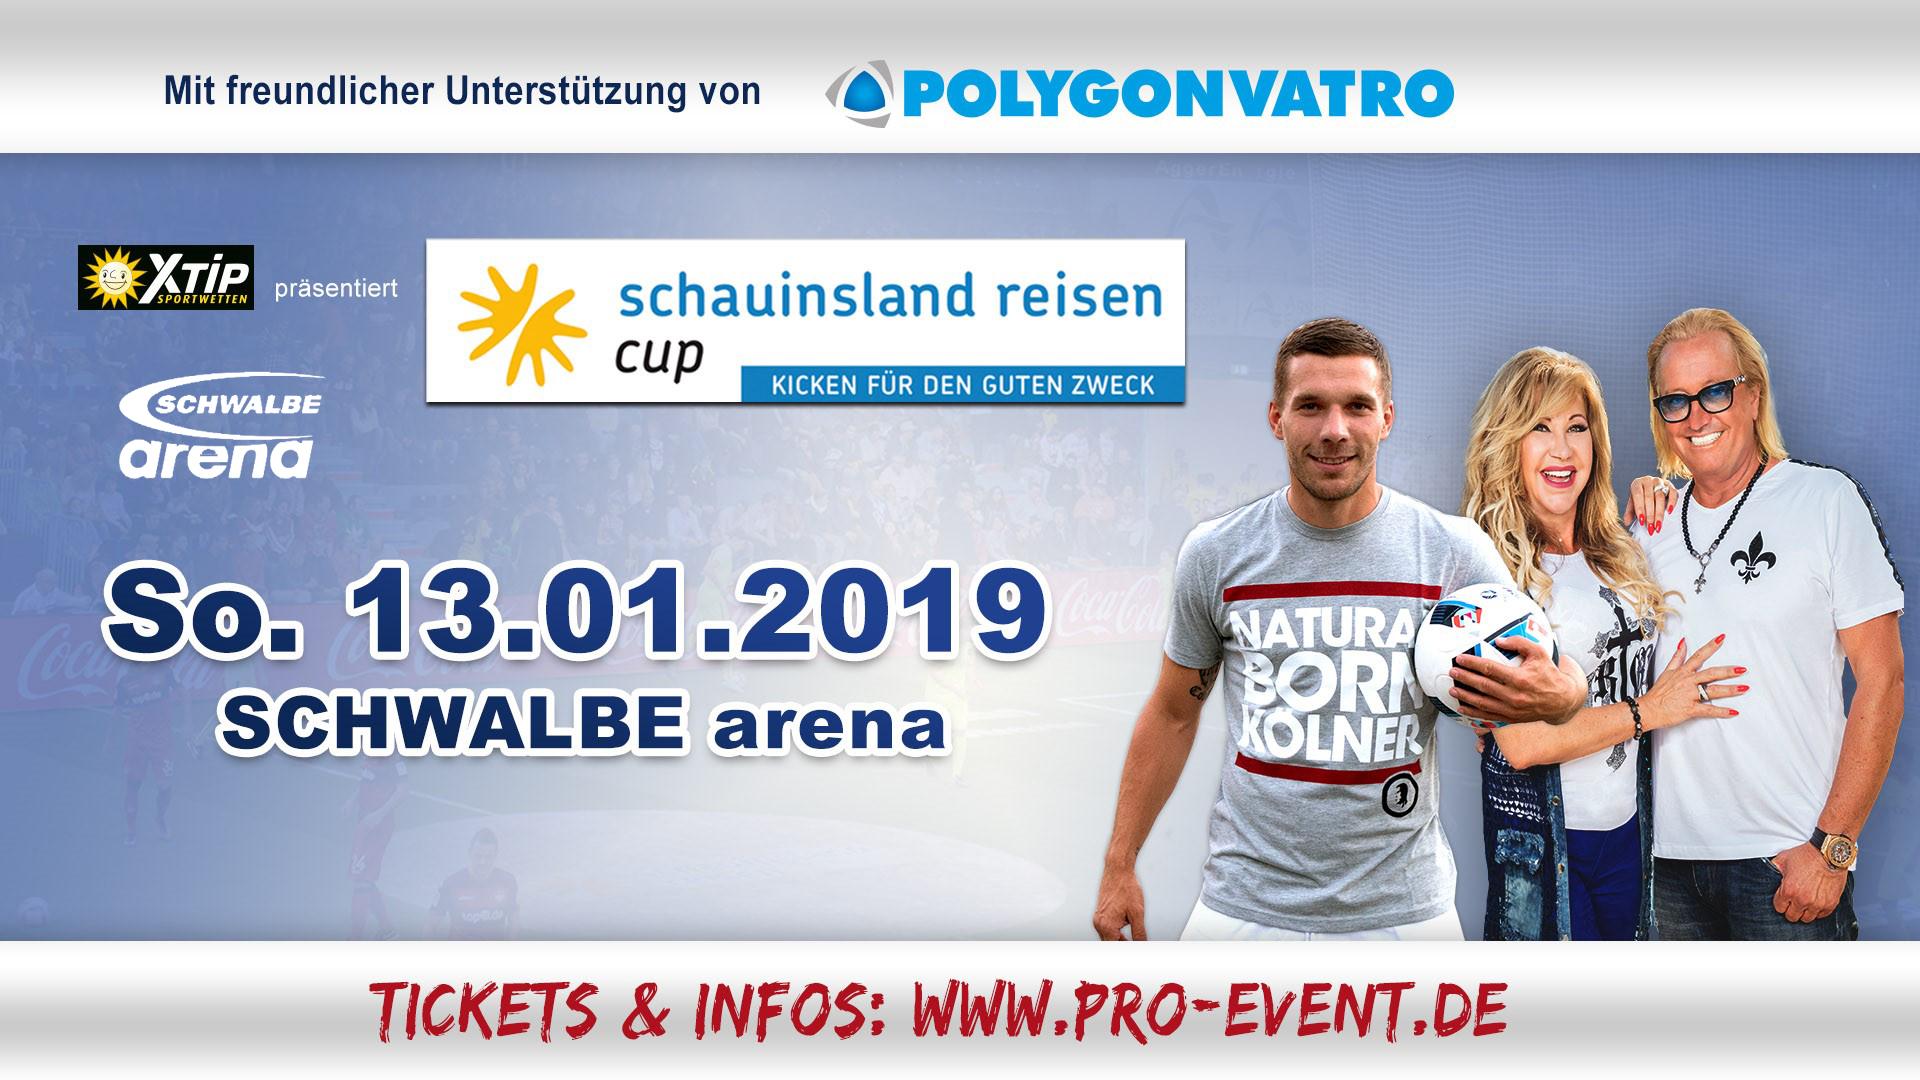 Schauinslandreisen Cup 2019